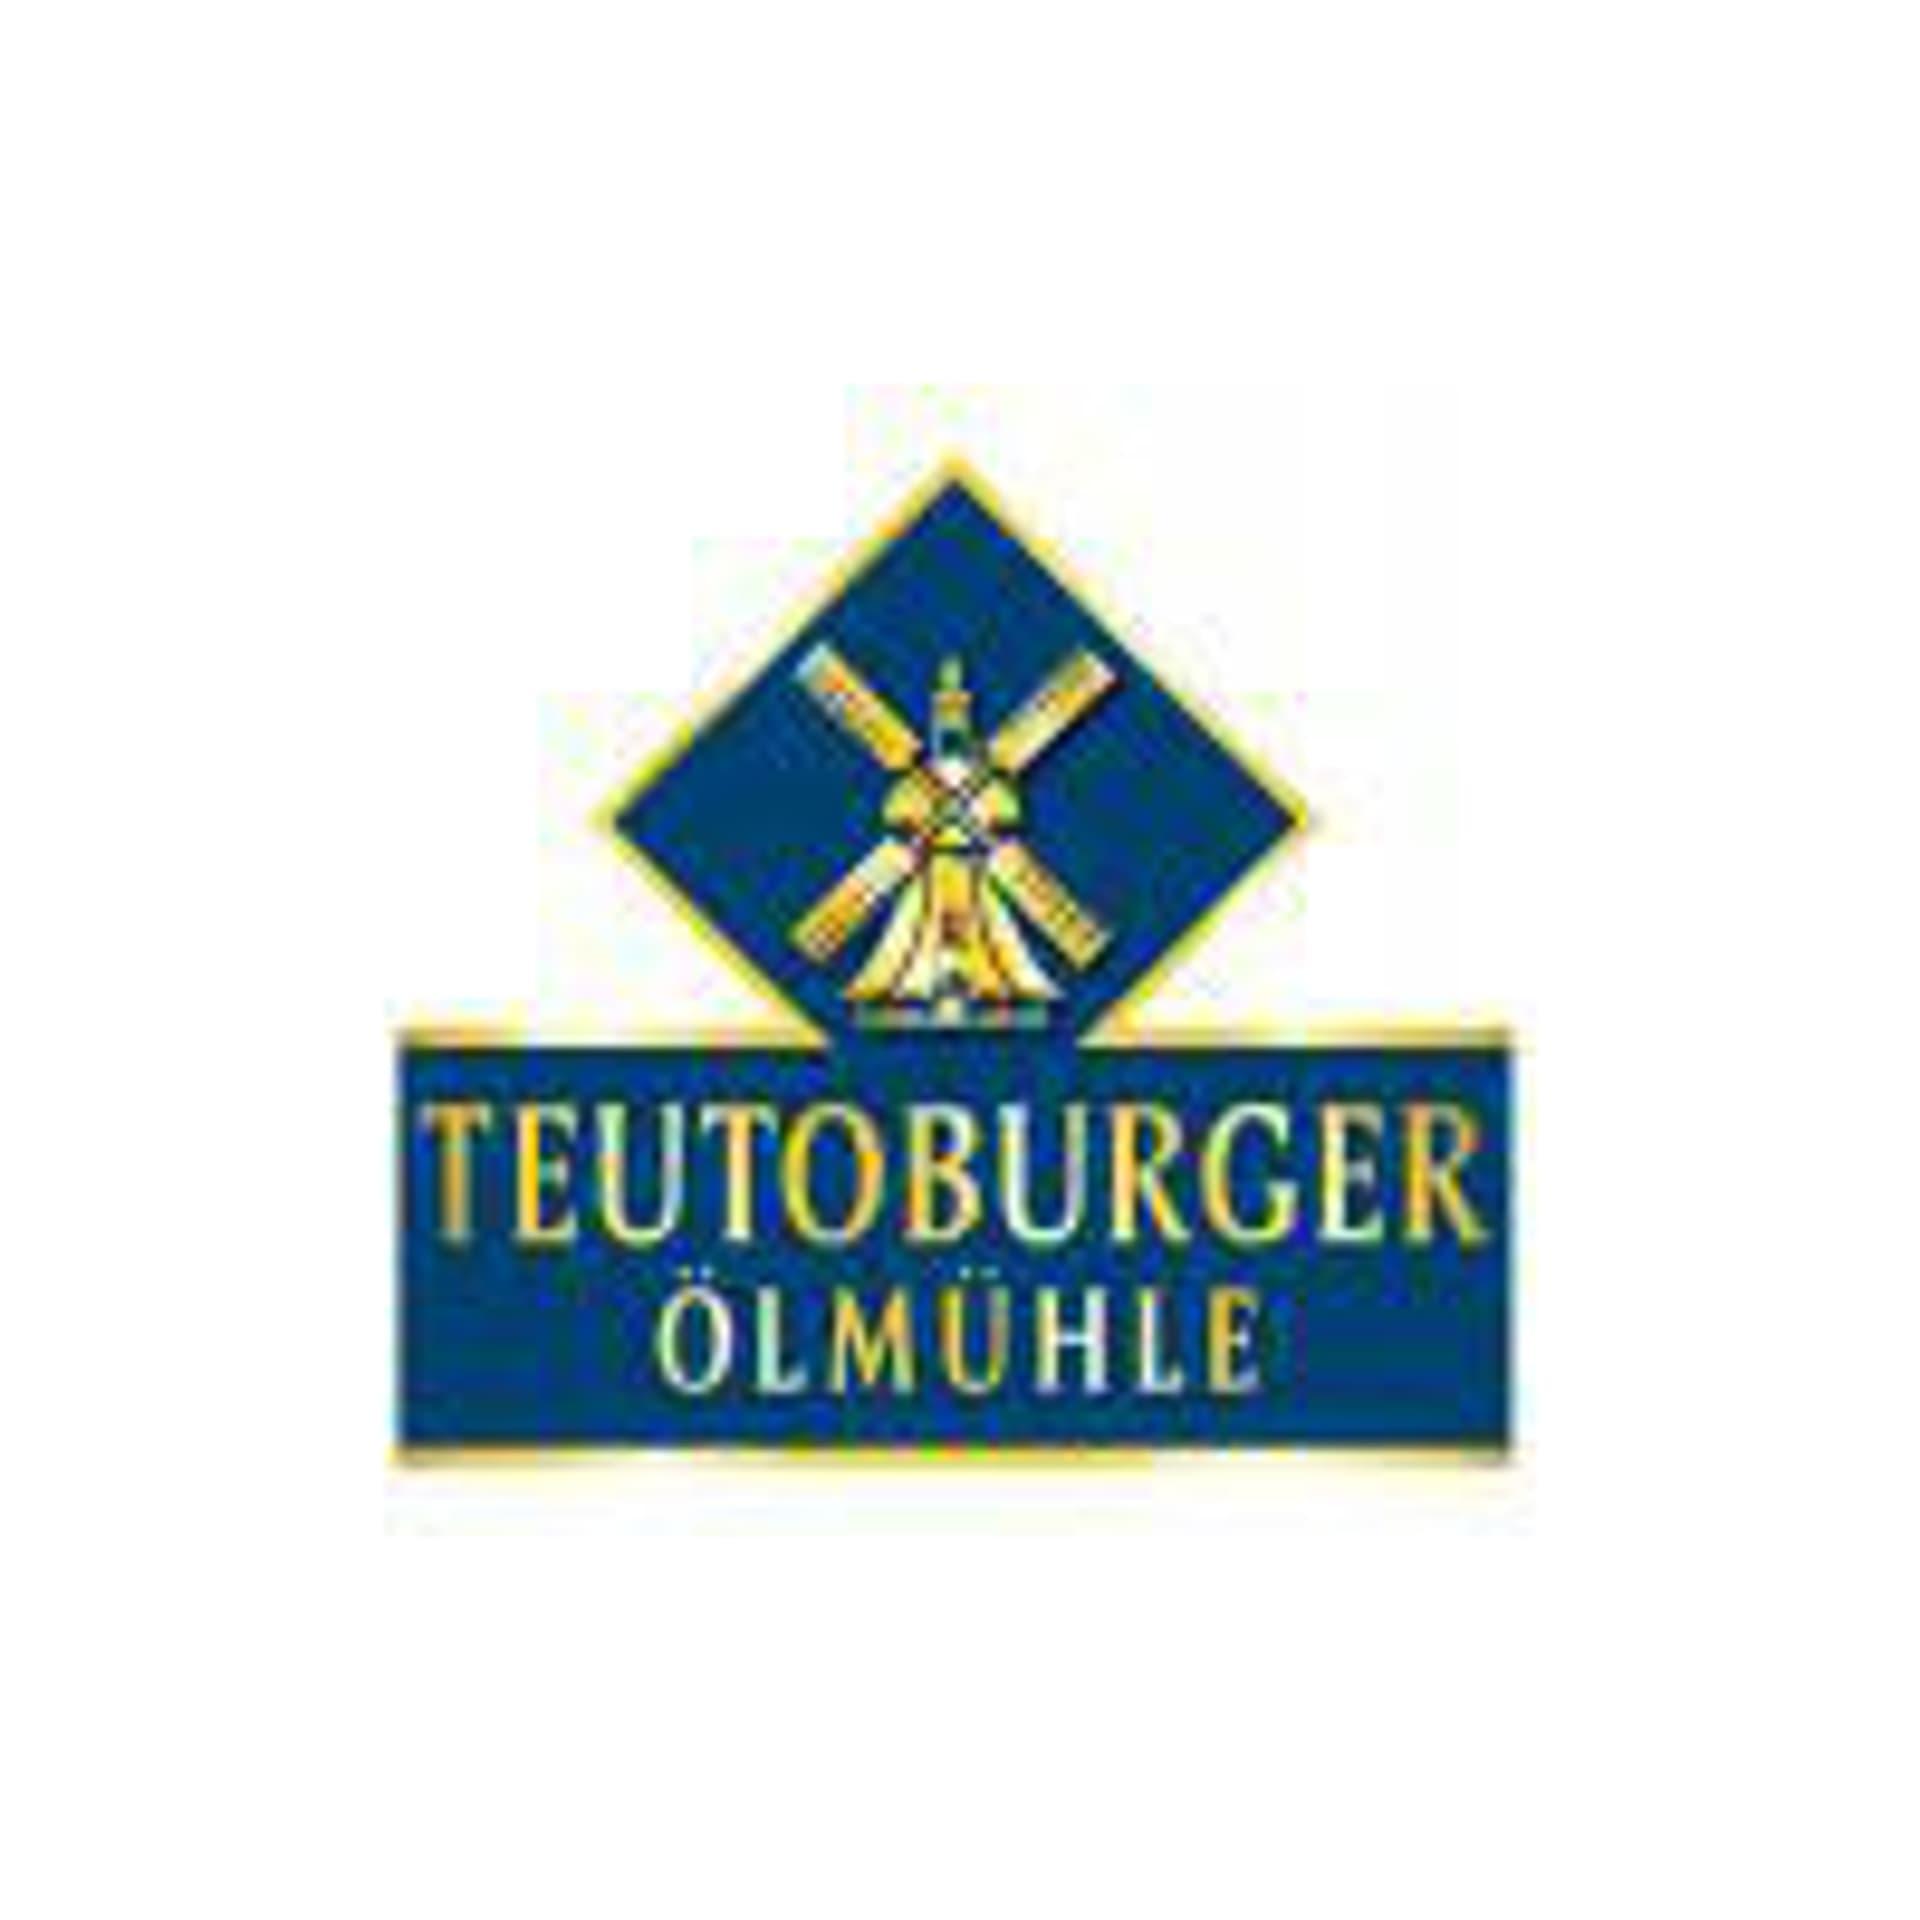 Teutoburger oelmuehle